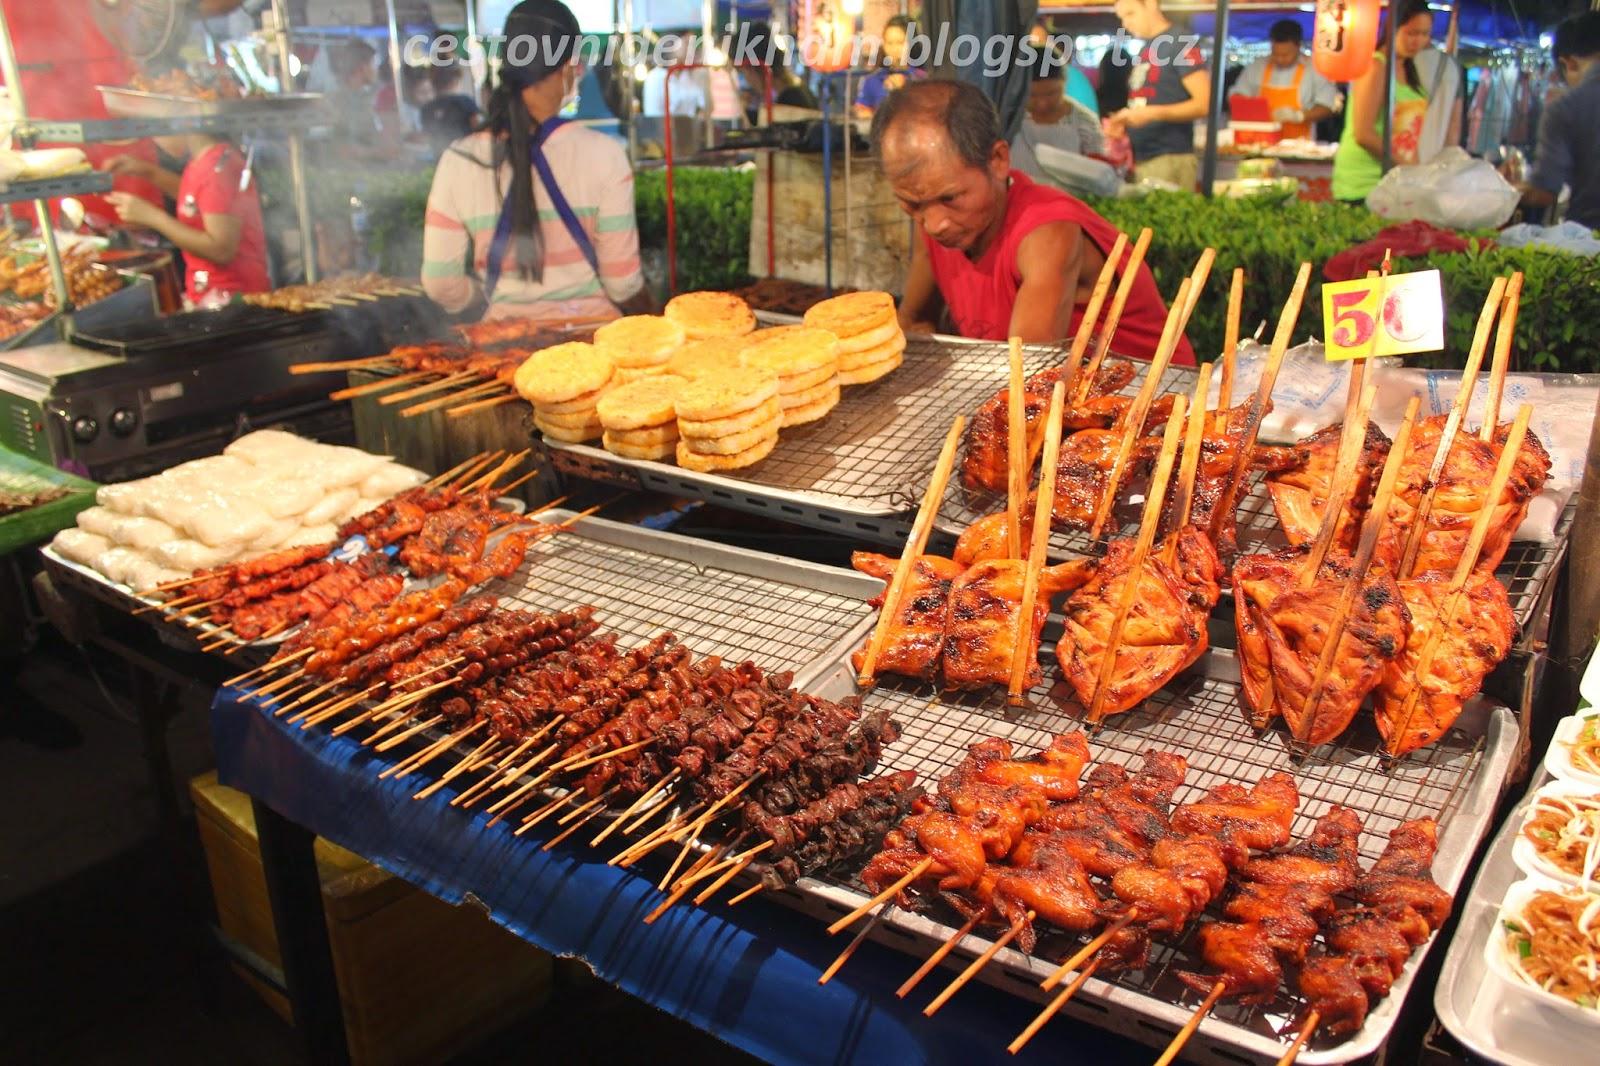 místní trh s jídlem // local food market